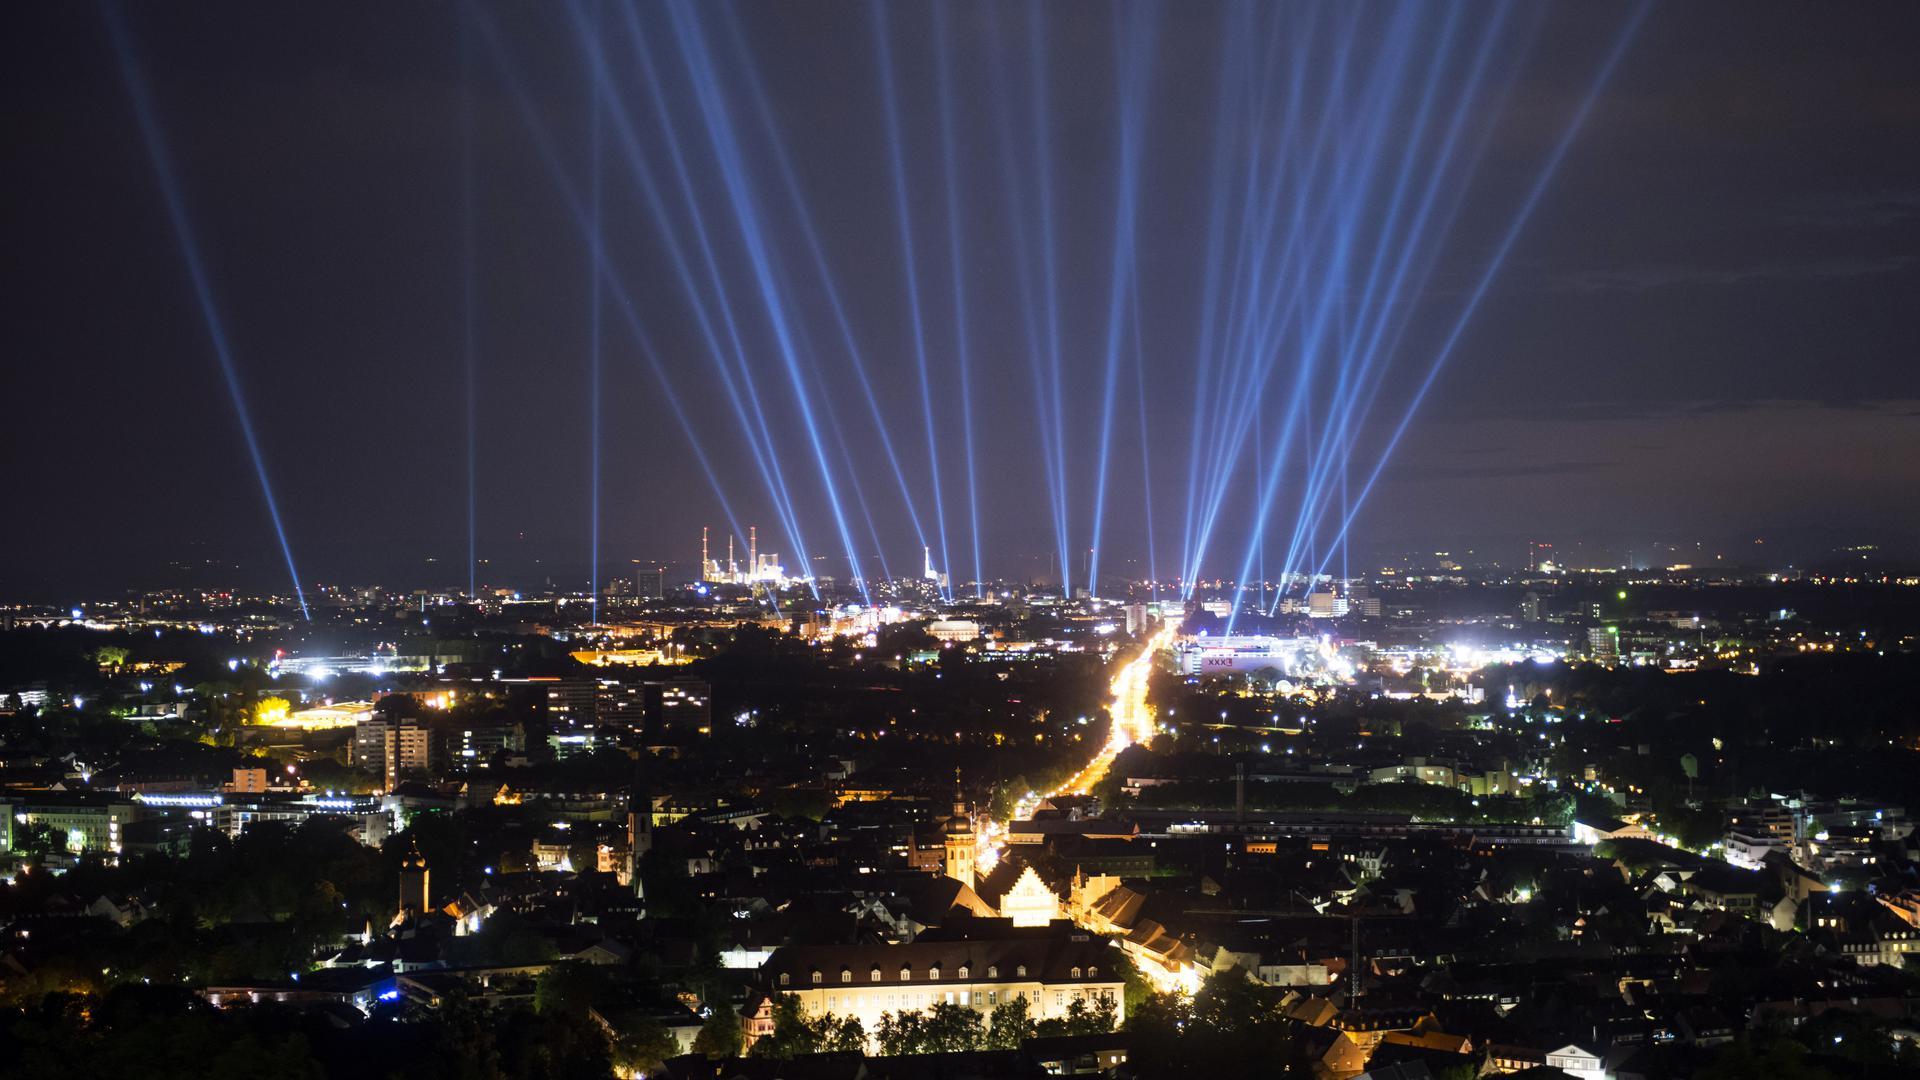 Bei einem Probelauf strahlen 32 Lichtsäulen am 16.06.2015 über Karlsruhe (Baden-Württemberg) in den Nachthimmel. Die Lichtinstallation ist Teil des viertägigen Eröffnungsfestival zum 300. Stadtgeburtstag, das am 17.06.2015 beginnt. Jede Lichtsäule steht für eine historische Persönlichkeit, die in Karlsruhe gewirkt hat oder in der Stadt geboren ist. Die Lichtsäulen sind auch in den beiden folgenden Nächten, am 18. und 19. Juni 2015, zu sehen. Foto: Uli Deck/dpa ++ +++ dpa-Bildfunk +++